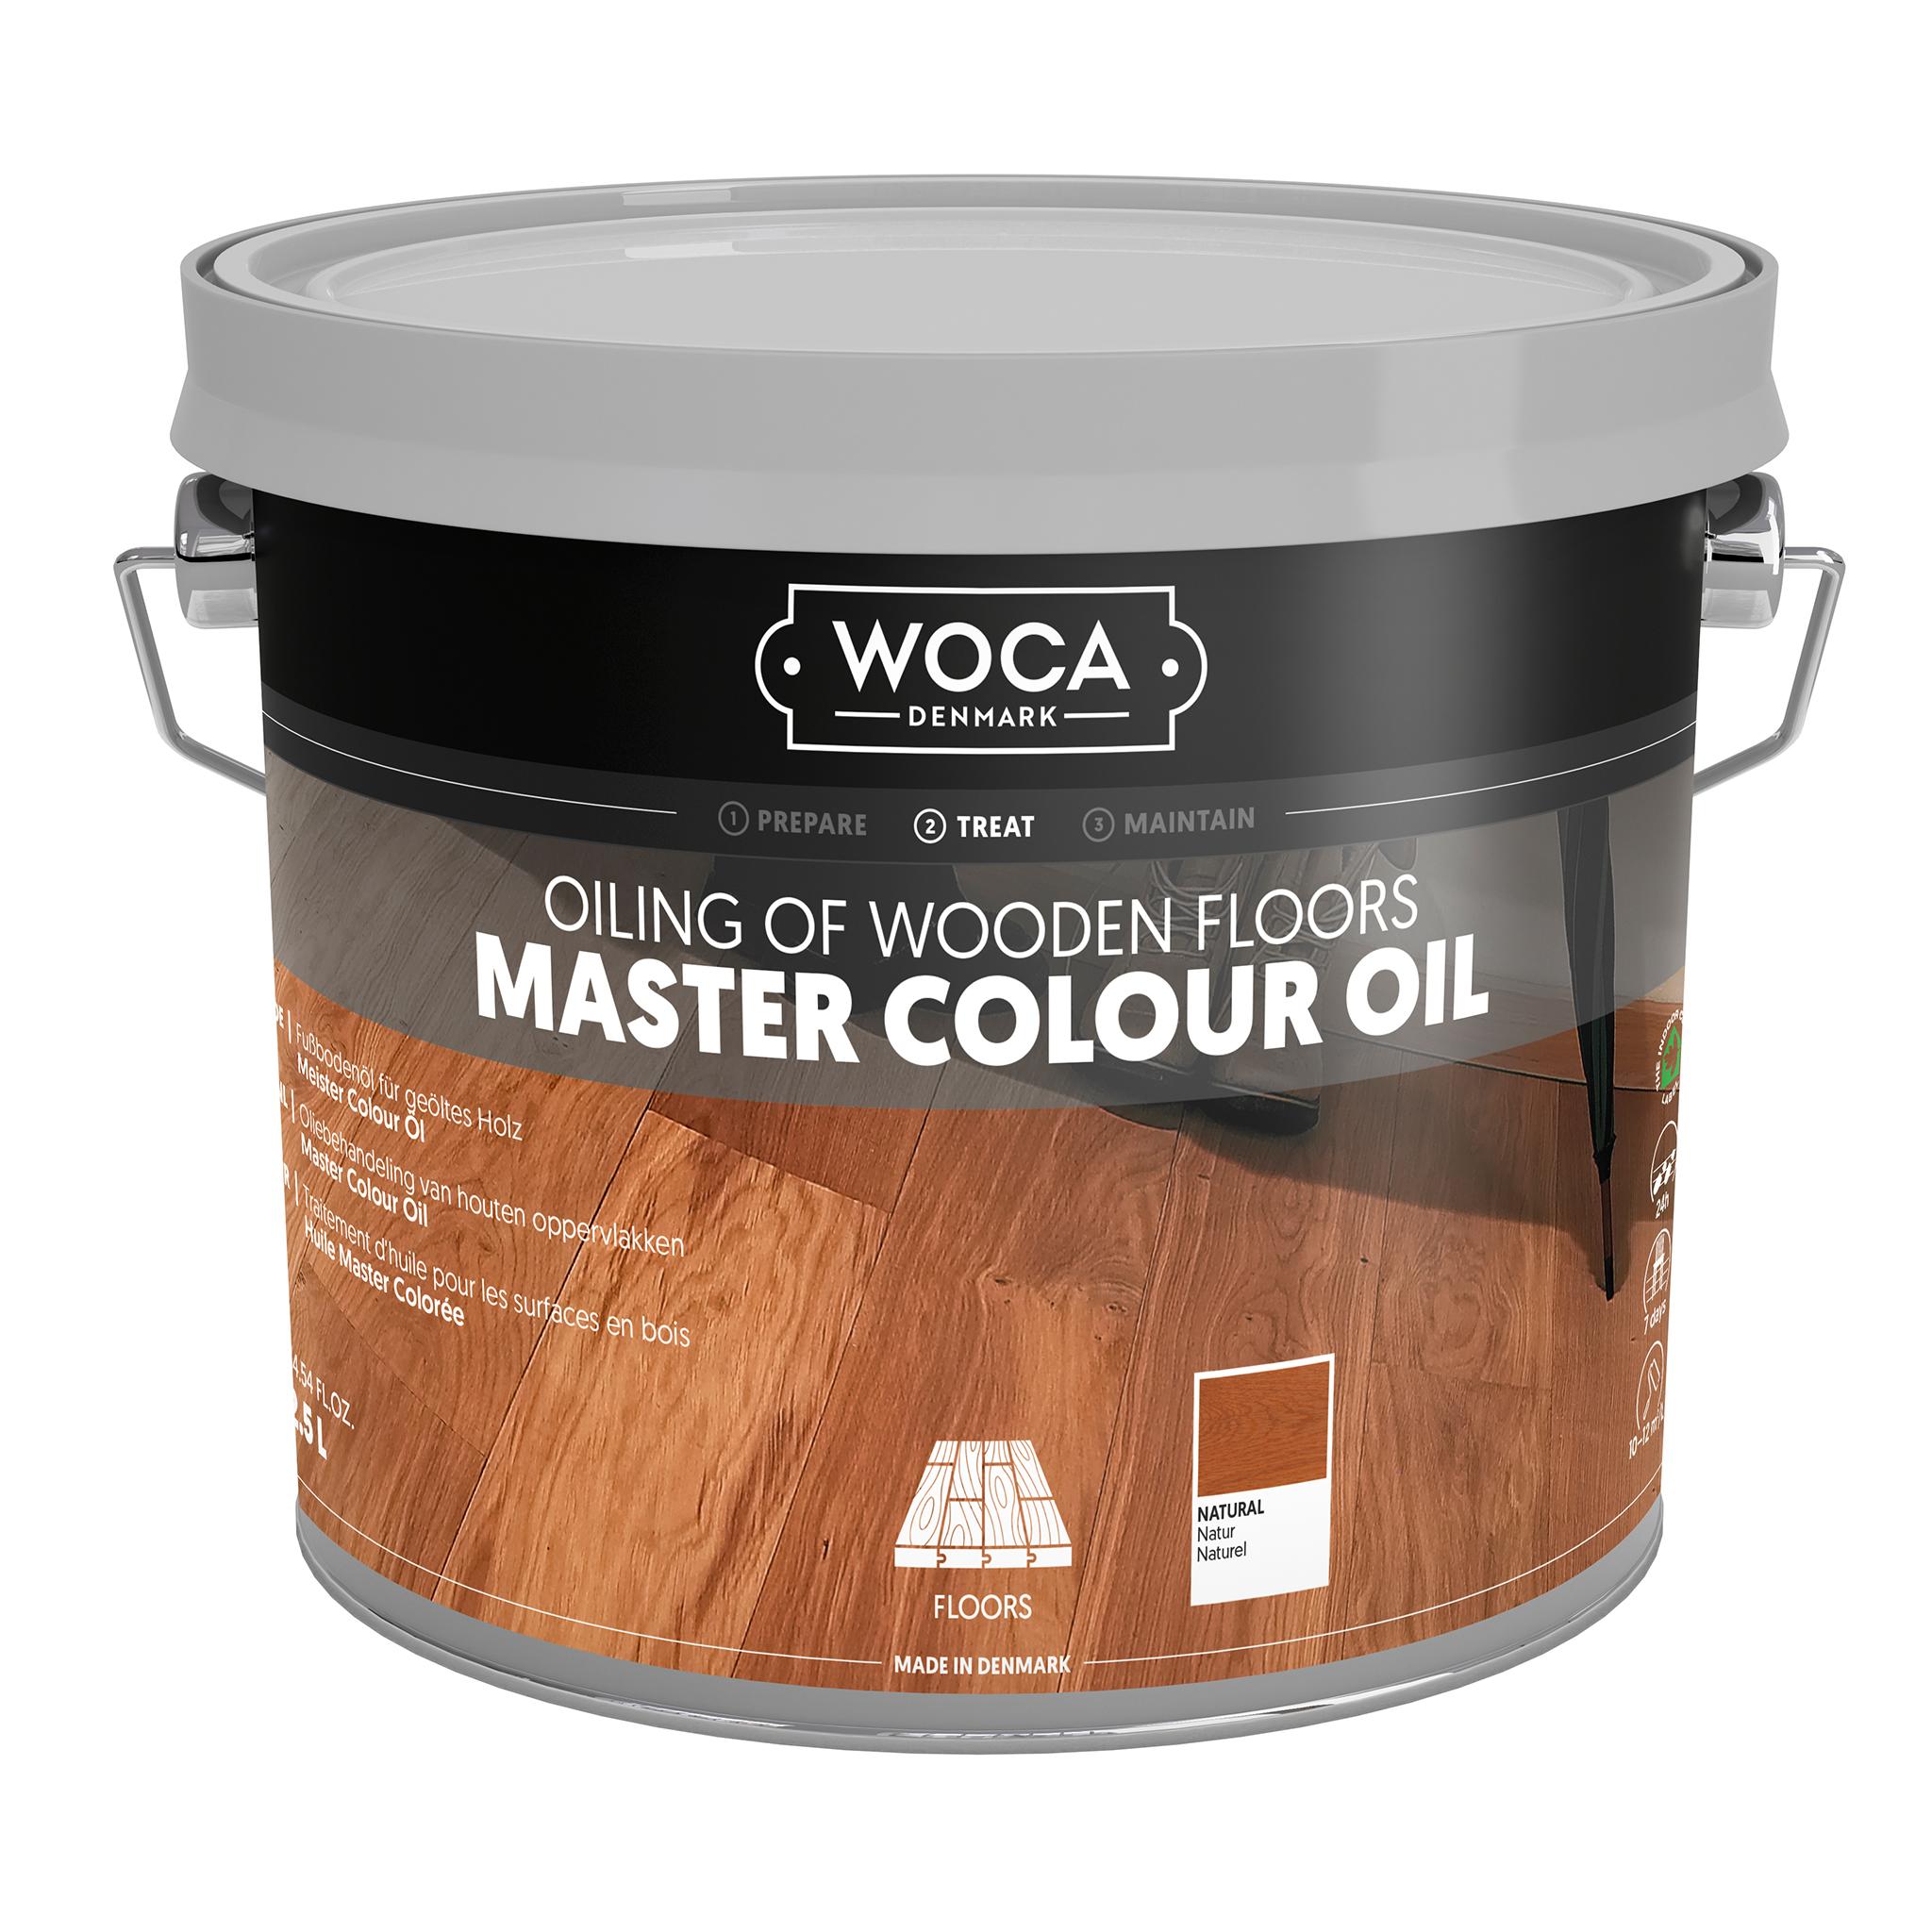 WOCA Meister Bodenöl natur 2,5 ltr.